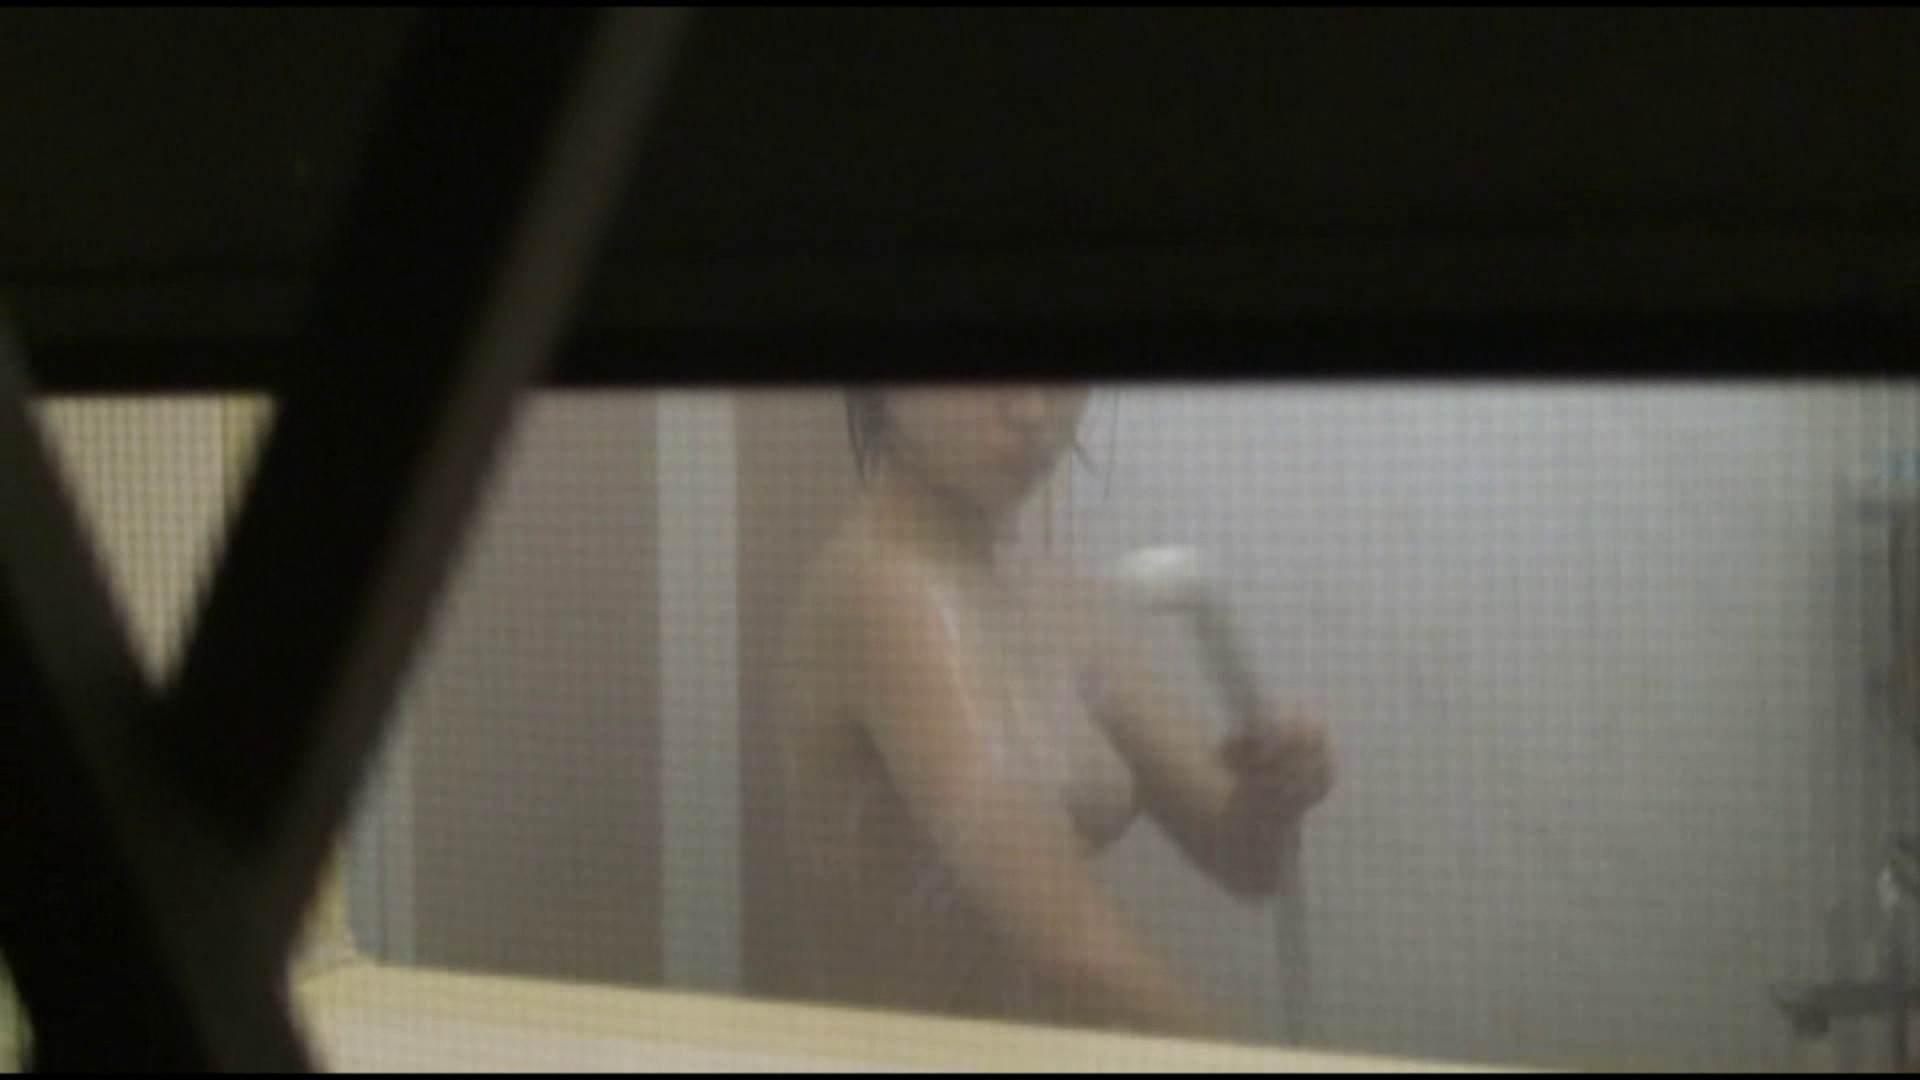 vol.04巨乳美人のおっぱいがプルルンッと弾けてます!風呂上りも必見 民家 ぱこり動画紹介 78画像 13